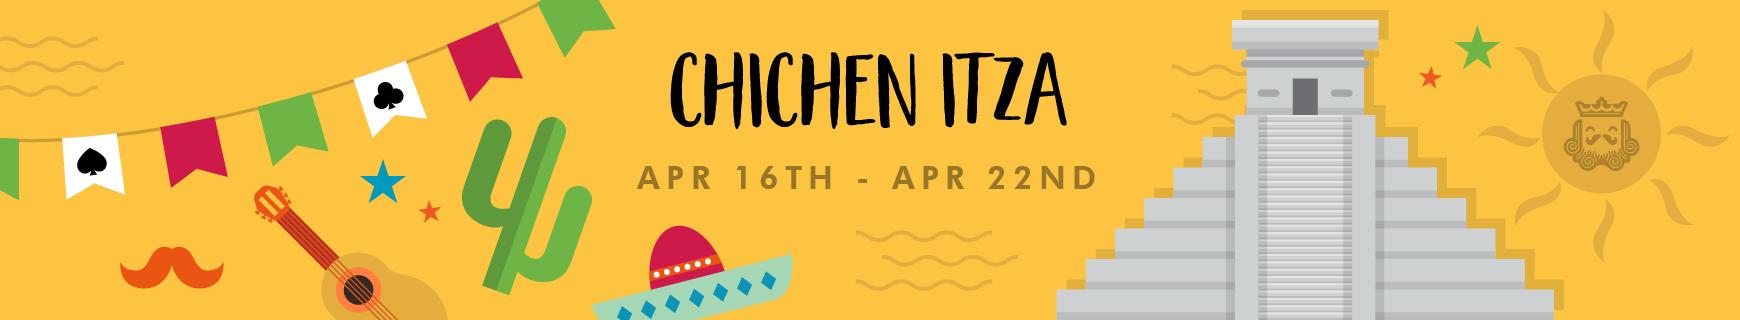 Chichen itza %28870 x 160%29 2x